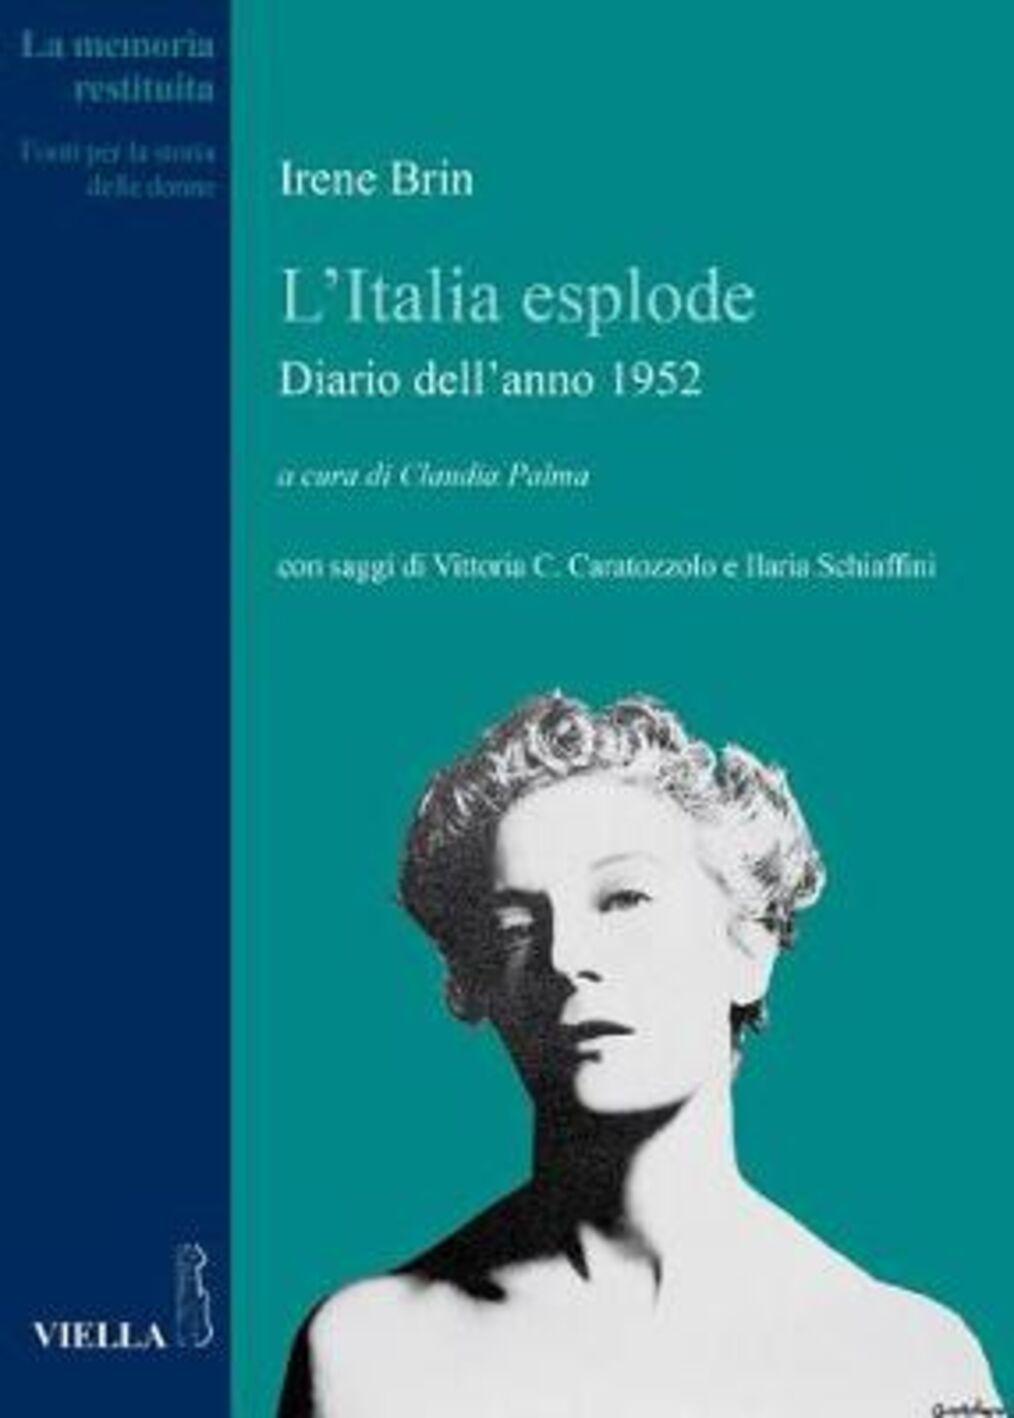 L' Italia esplode. Diario dell'anno 1952